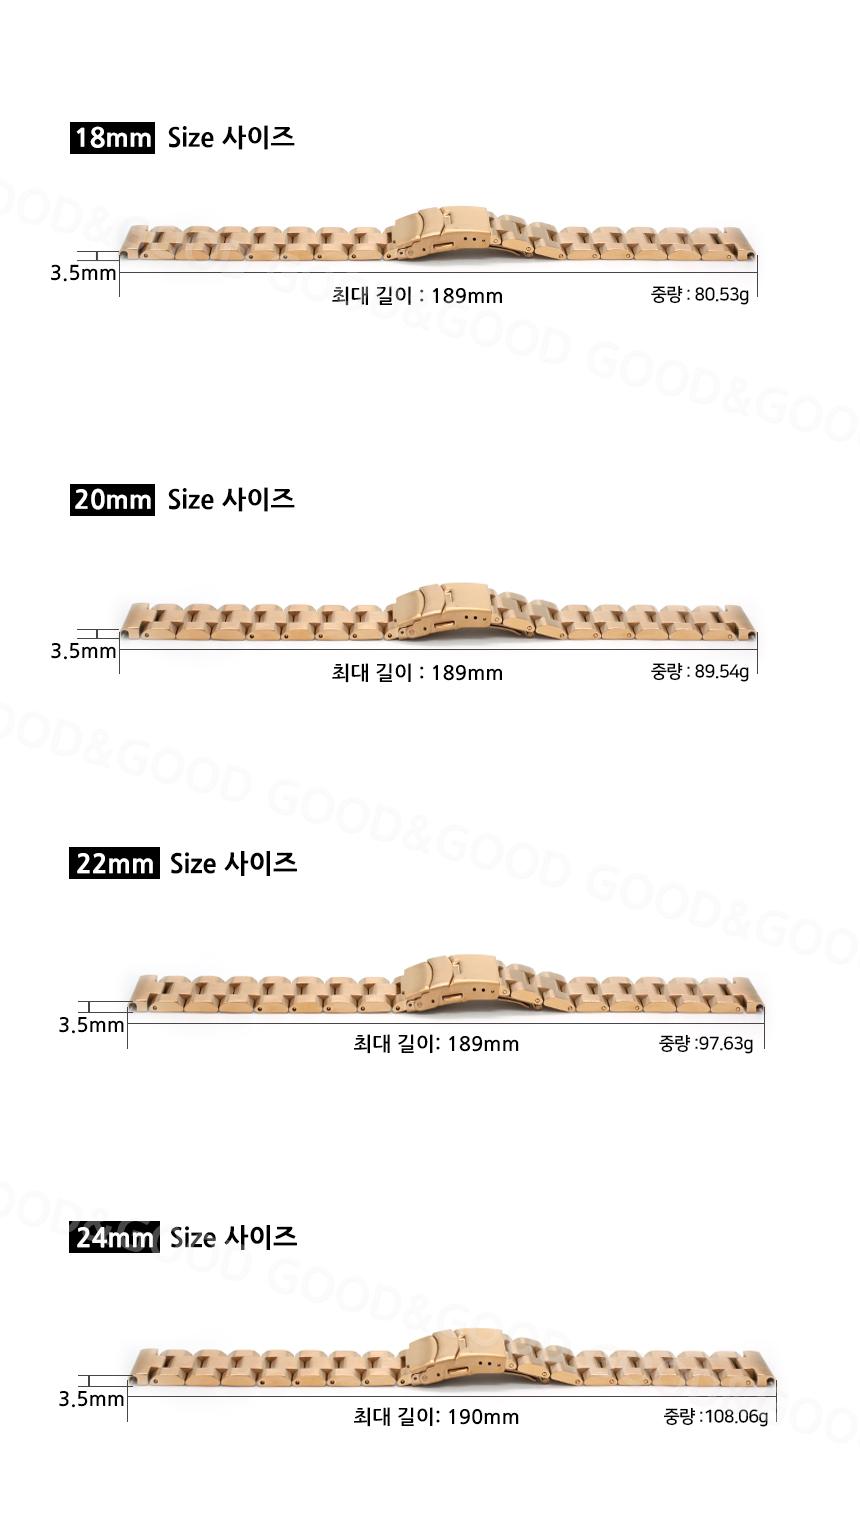 사이즈는 18mm 20mm 22mm 24mm 4가지 이며 18mm 19mm 20mm 의 최대길이 189mm 24mm의 최대길이 190mm입니다. 조정할 수 있는 마디가 많아서 최소길이는 원하는데로 가능합니다.